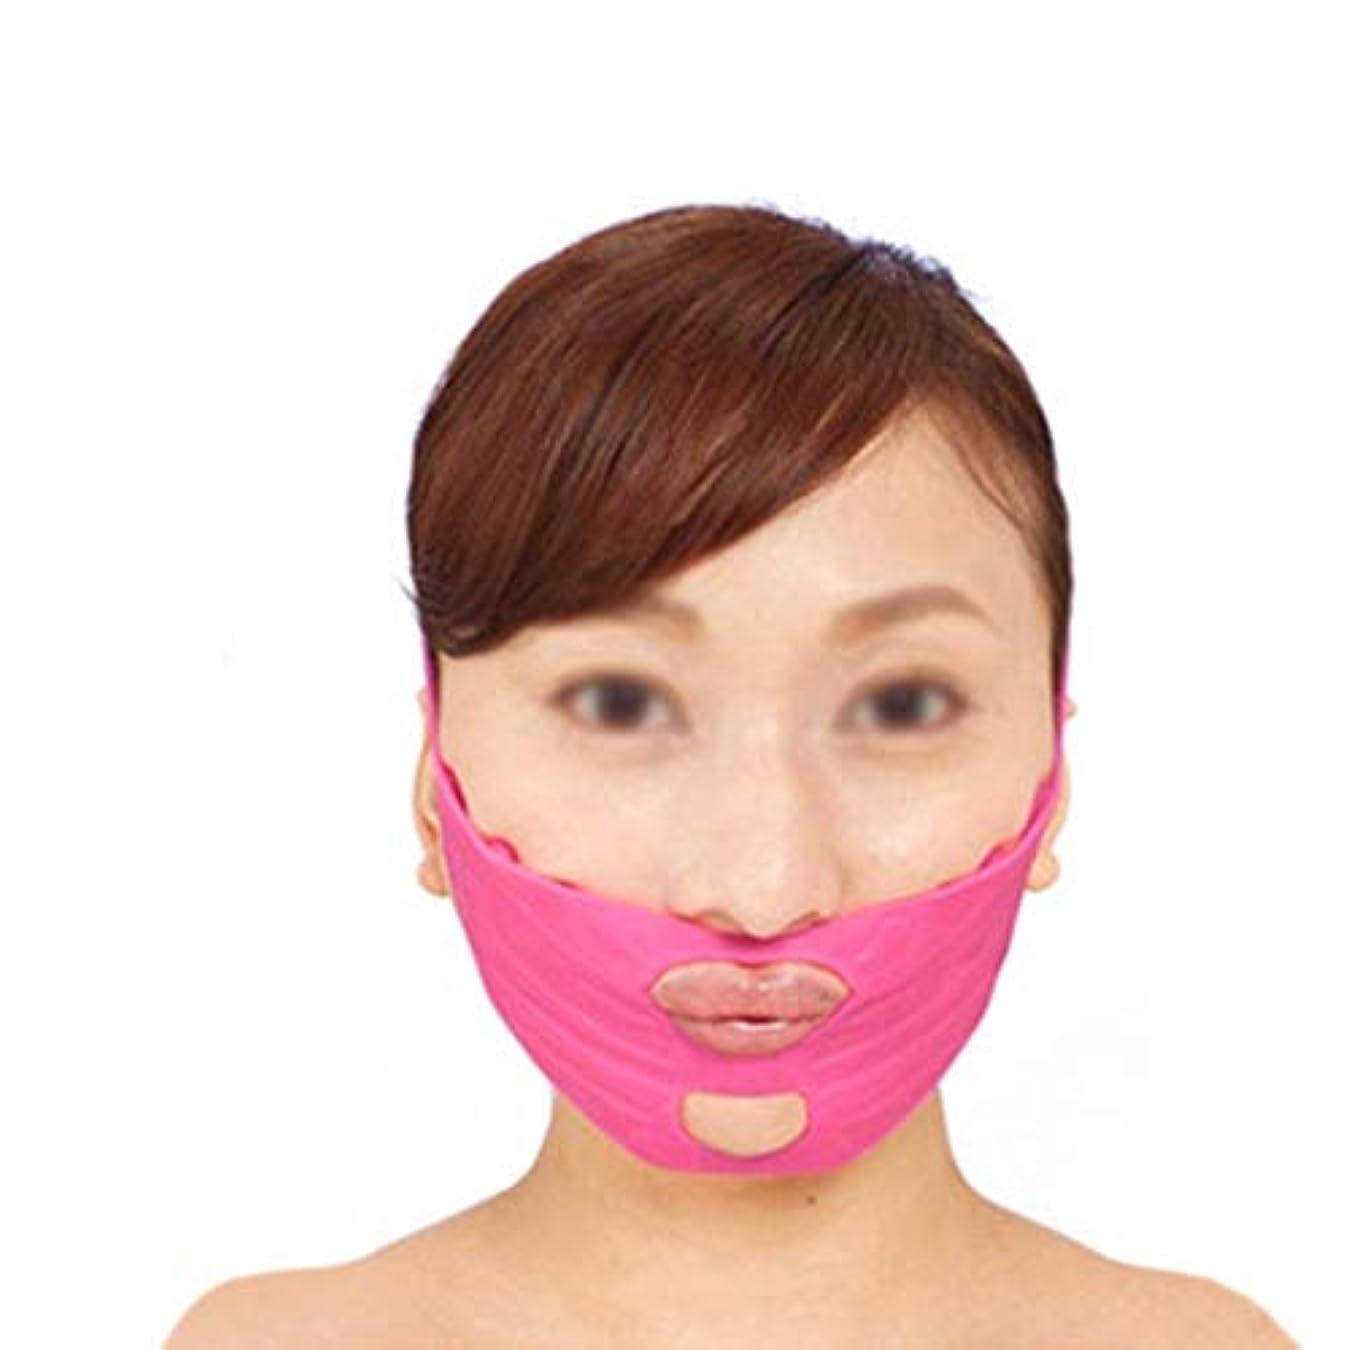 執着懐疑的請願者フェイスストラップ付きマスク、プルアップフェイスマスク、フェイスリフティングマスク、フェイスタイトニングバンデージ、フェイシャルリフティングバンデージ、ダブルチンを減らすためのリフティングフェイスバンド(ピンク、ワンサイズ)